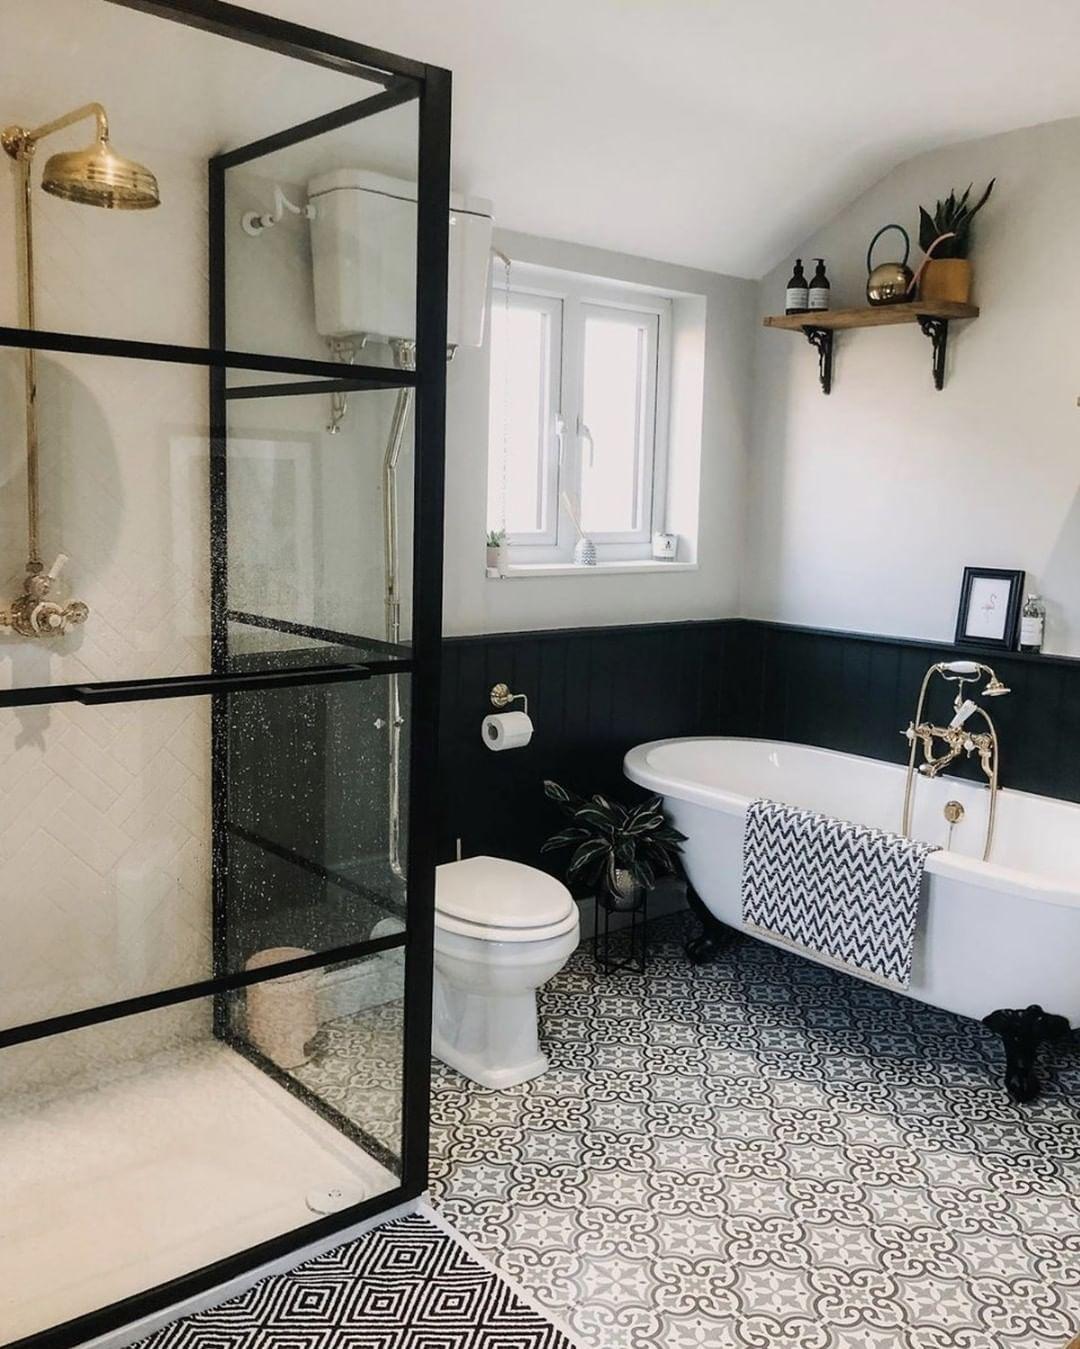 Ideen Furs Wohlfuhlbad On Instagram Na Seid Ihr Gestern Gut In Die Neue Woche Gestartet Wie Gefallt Euc In 2020 Gold Bad Kleine Badezimmer Inspiration Badezimmer